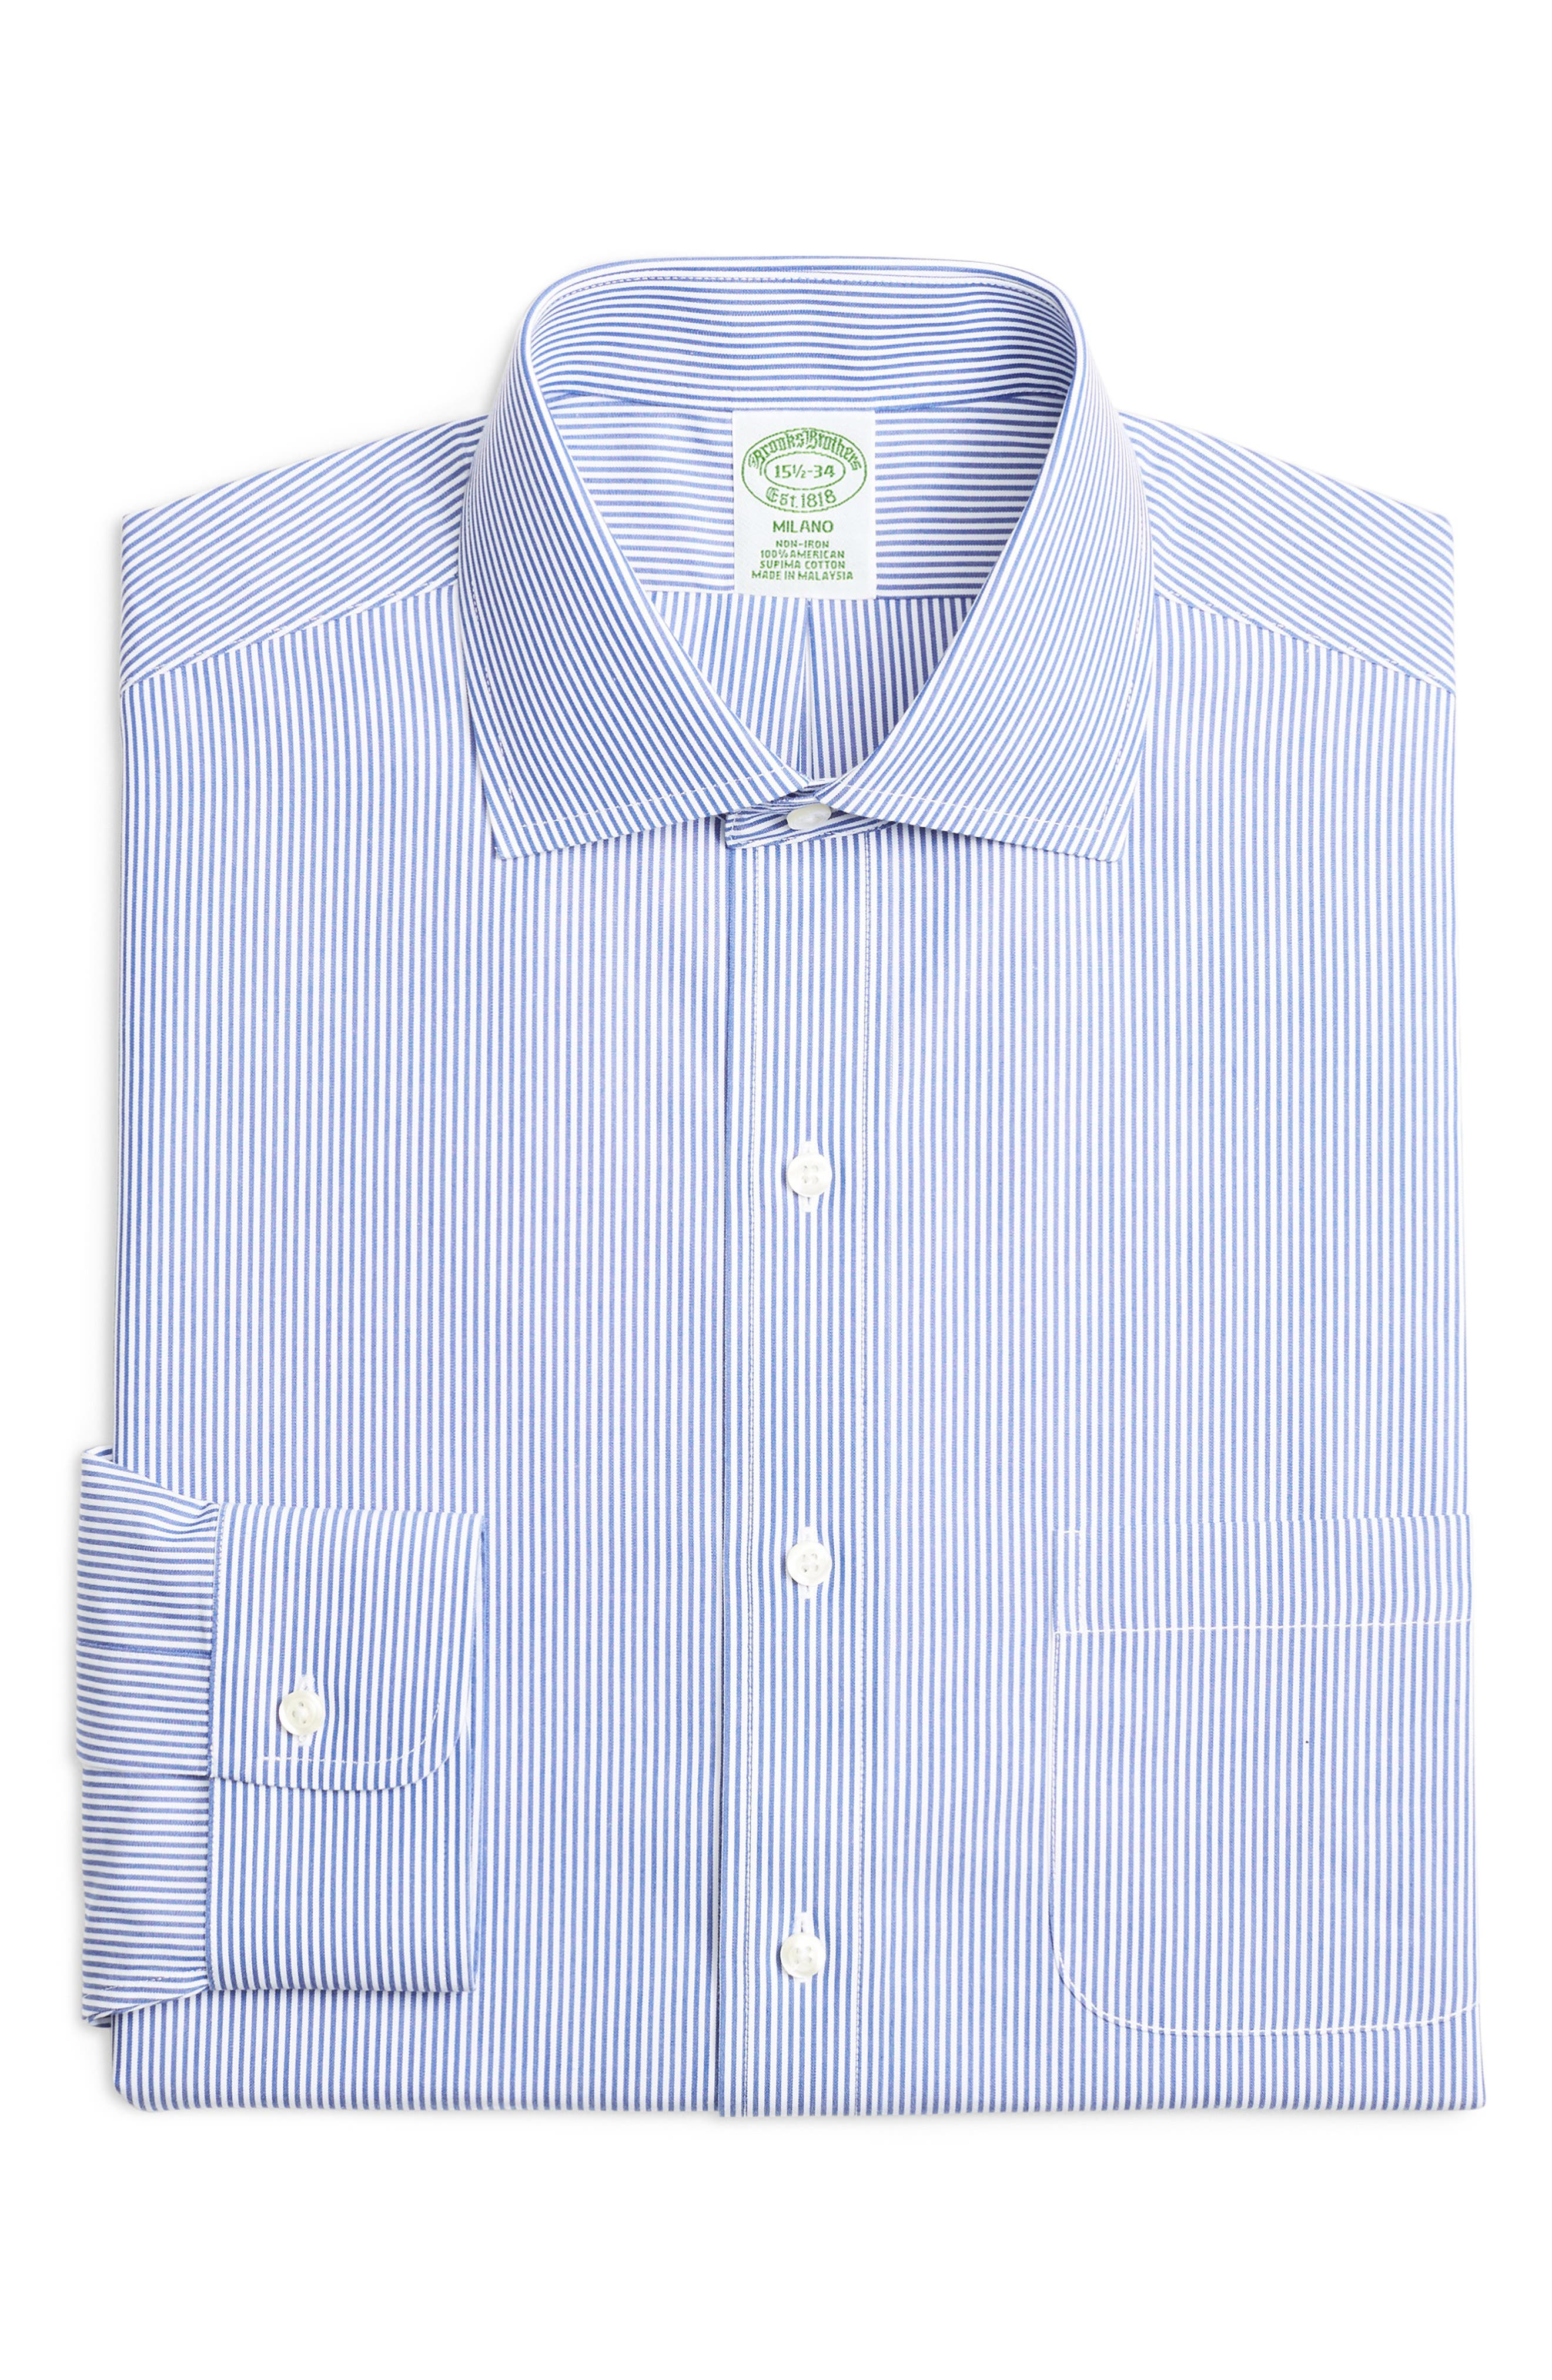 Trim Fit Stripe Dress Shirt,                             Main thumbnail 1, color,                             BLUE